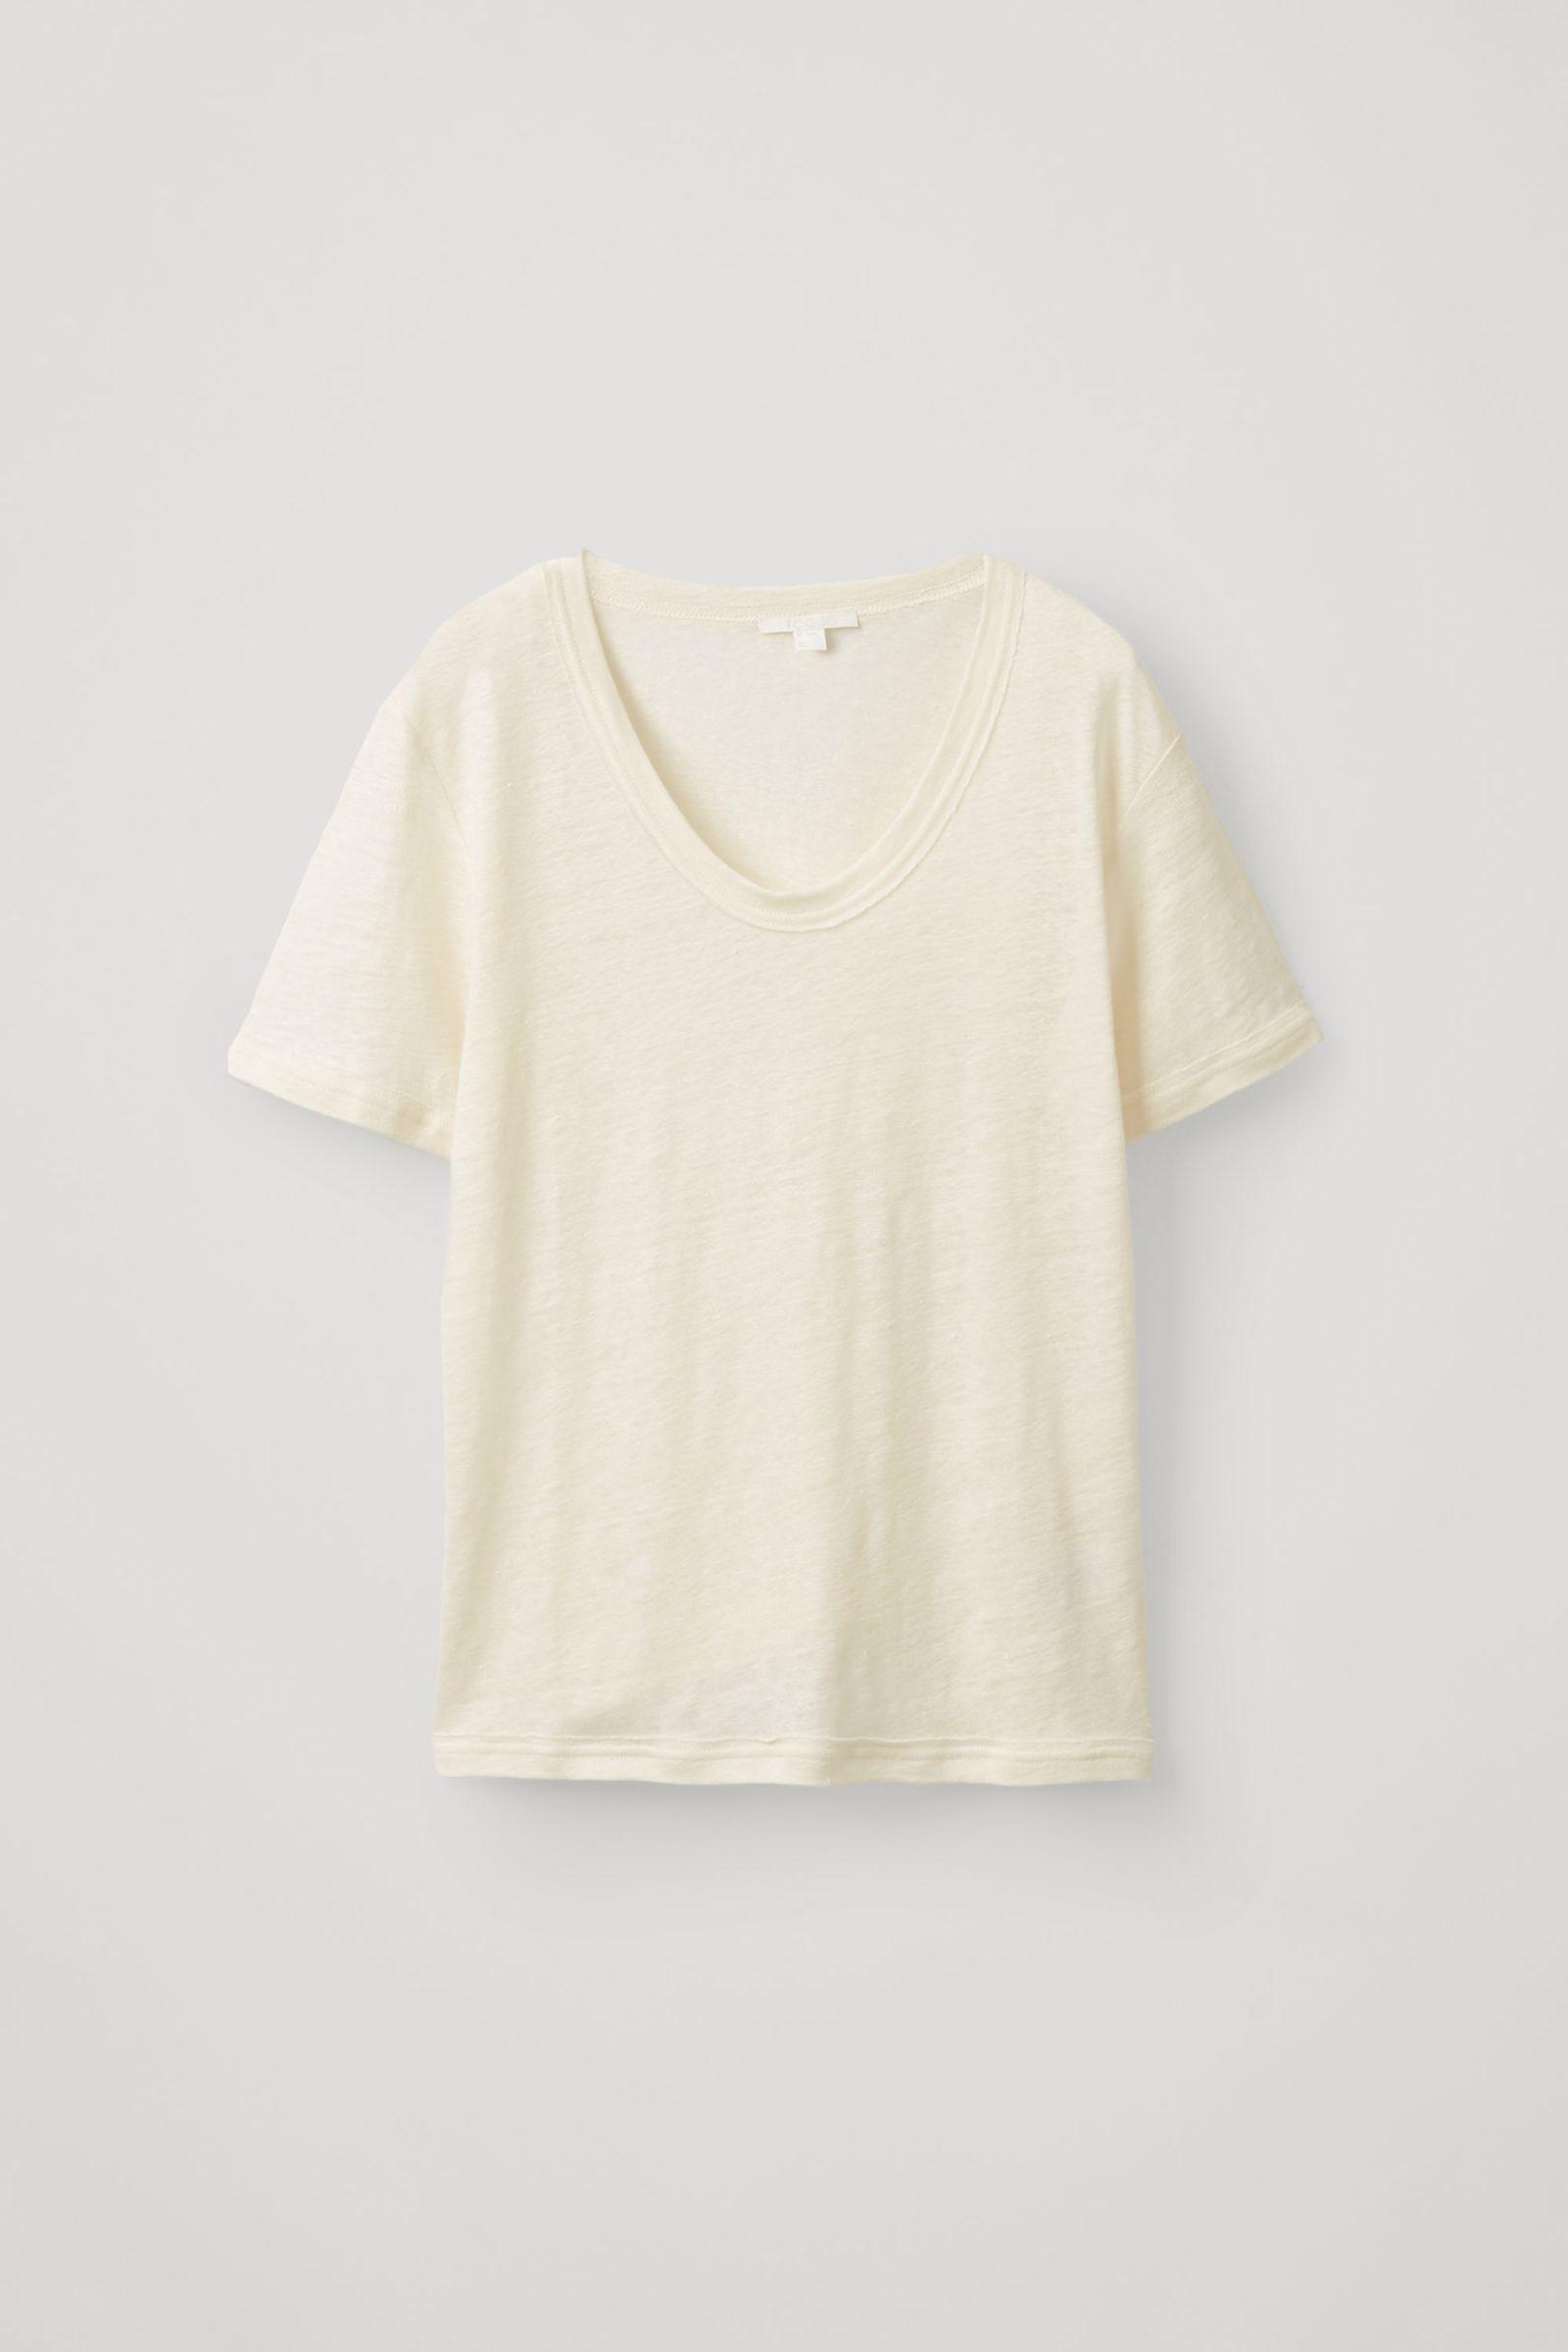 COS 로 엣지 리넨 티셔츠의 화이트컬러 Product입니다.